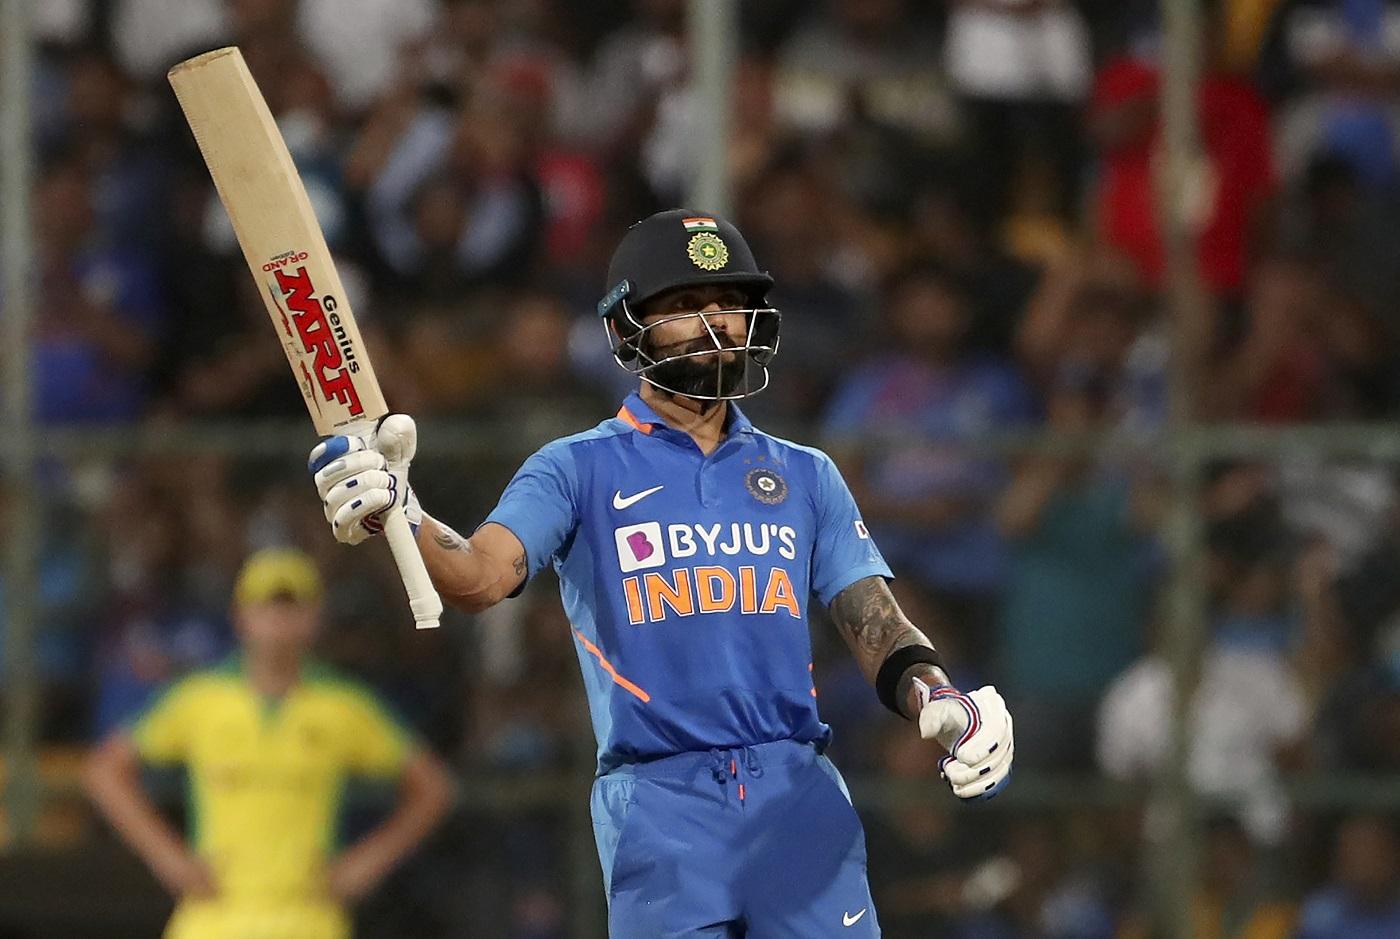 इंग्ल्याण्डविरुद्धको चौथो टी-२० खेलमा भारत ८ रनले विजयी, सिरिज २-२ काे अवस्थामा